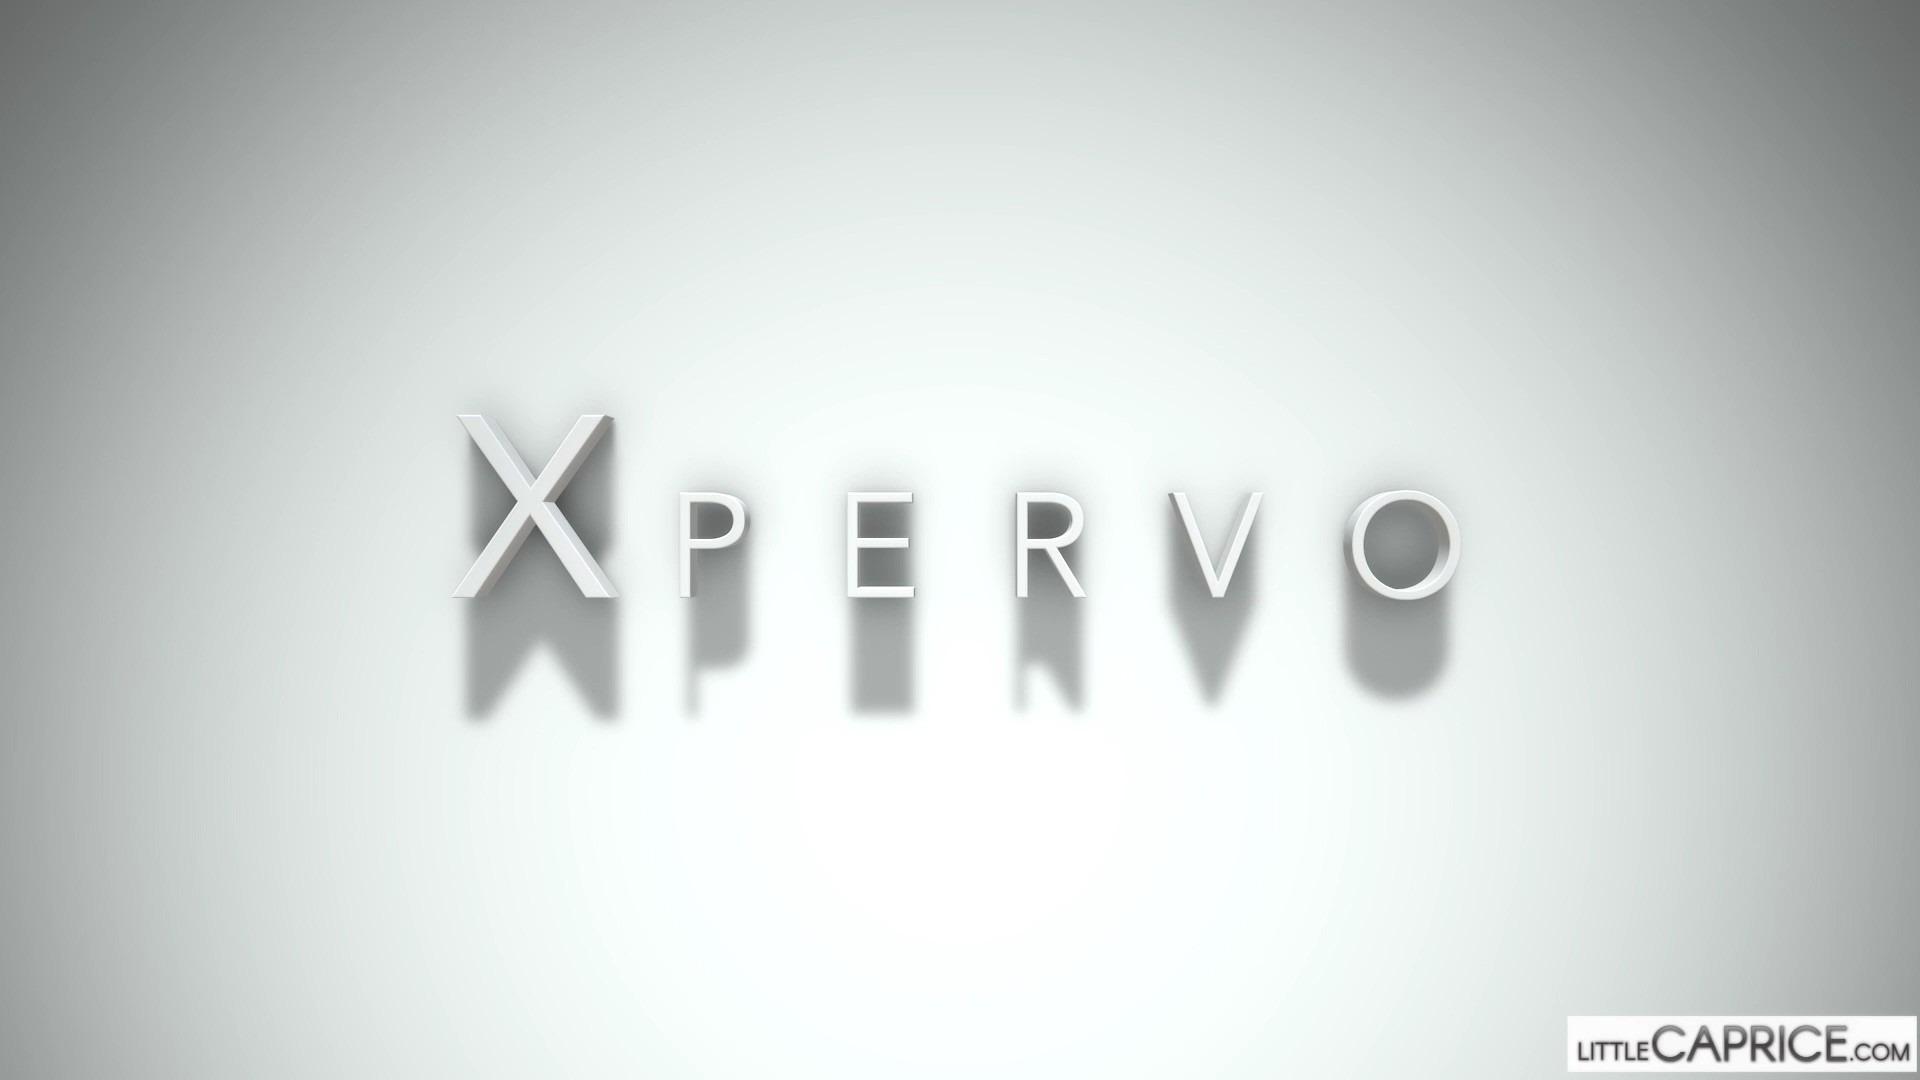 Xpervo Little Caprice Marcello Bravo